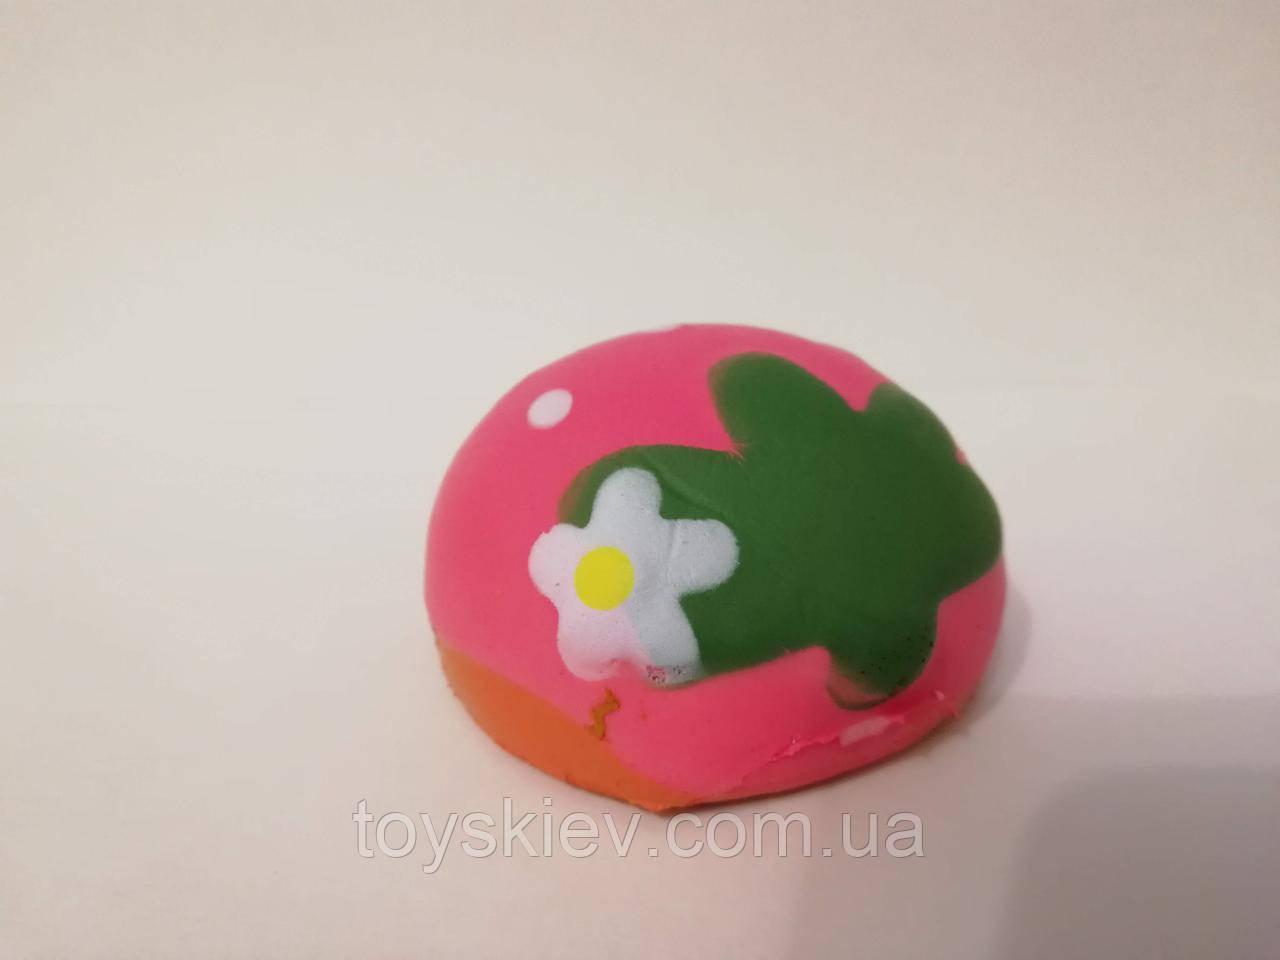 Сквиши SQUISHY Печенье Сквиш Антистресс игрушка ароматная маленькая